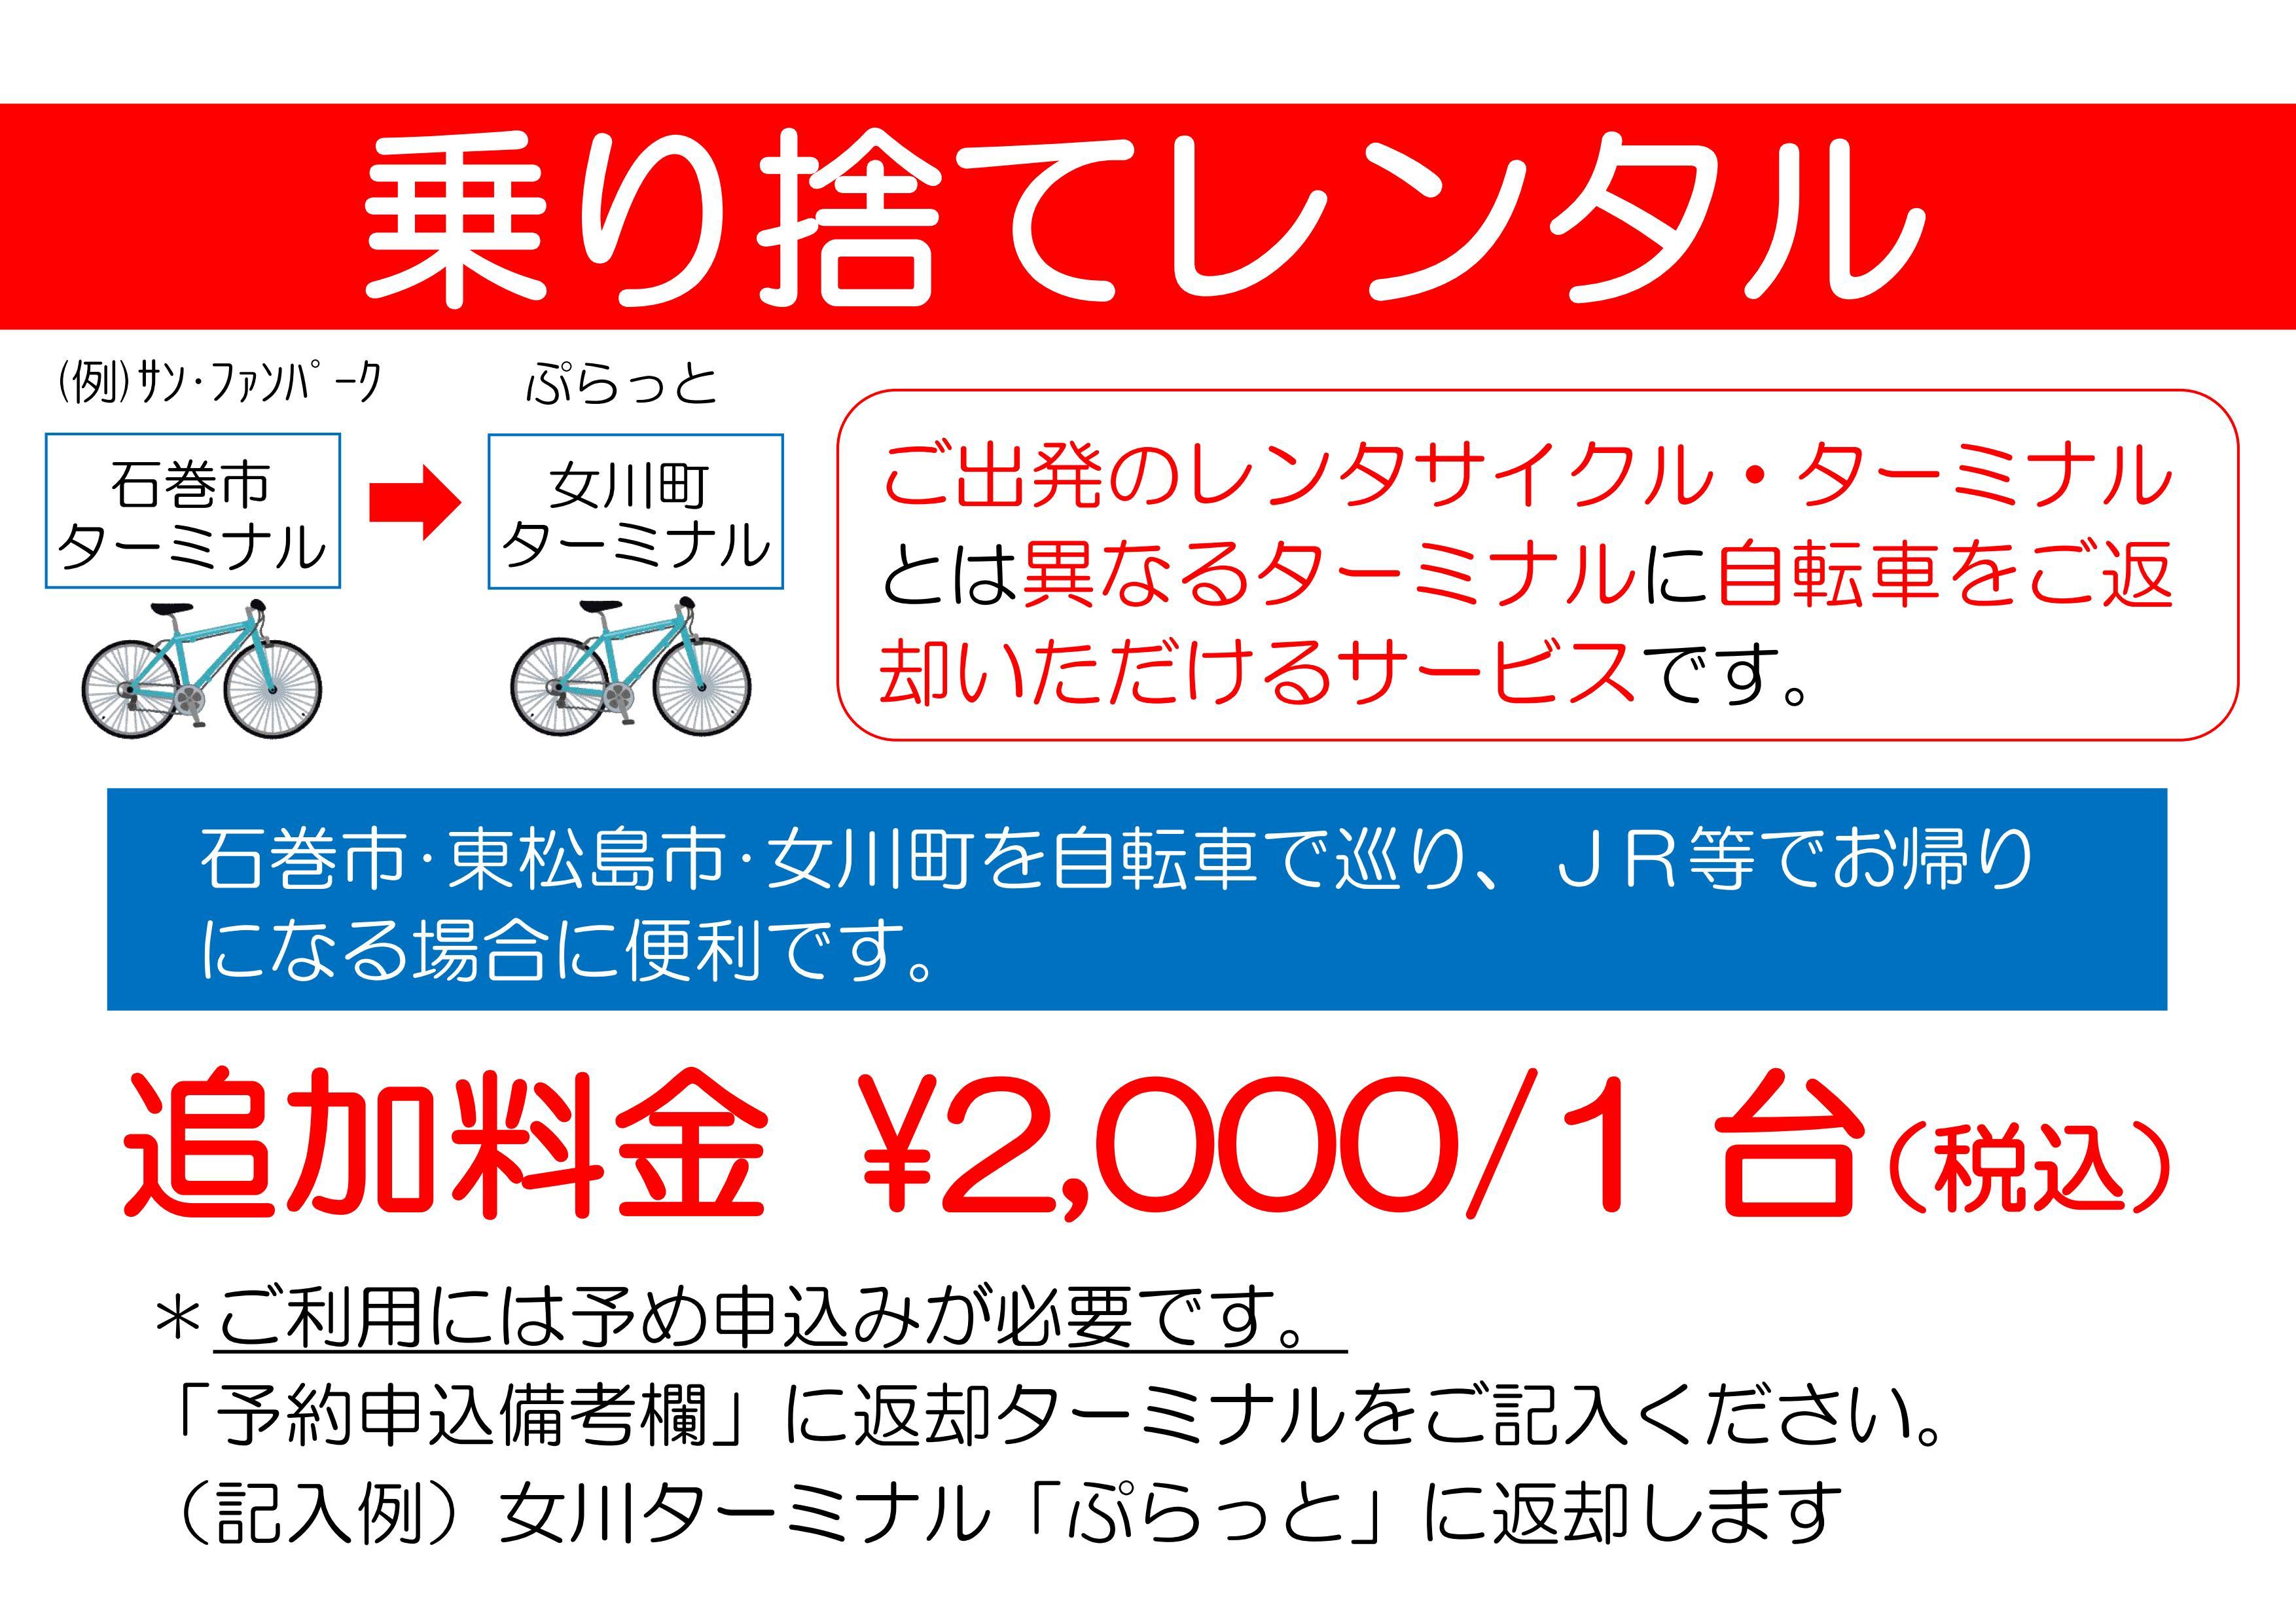 【東松島市】あおみな レンタサイクル申込フォーム